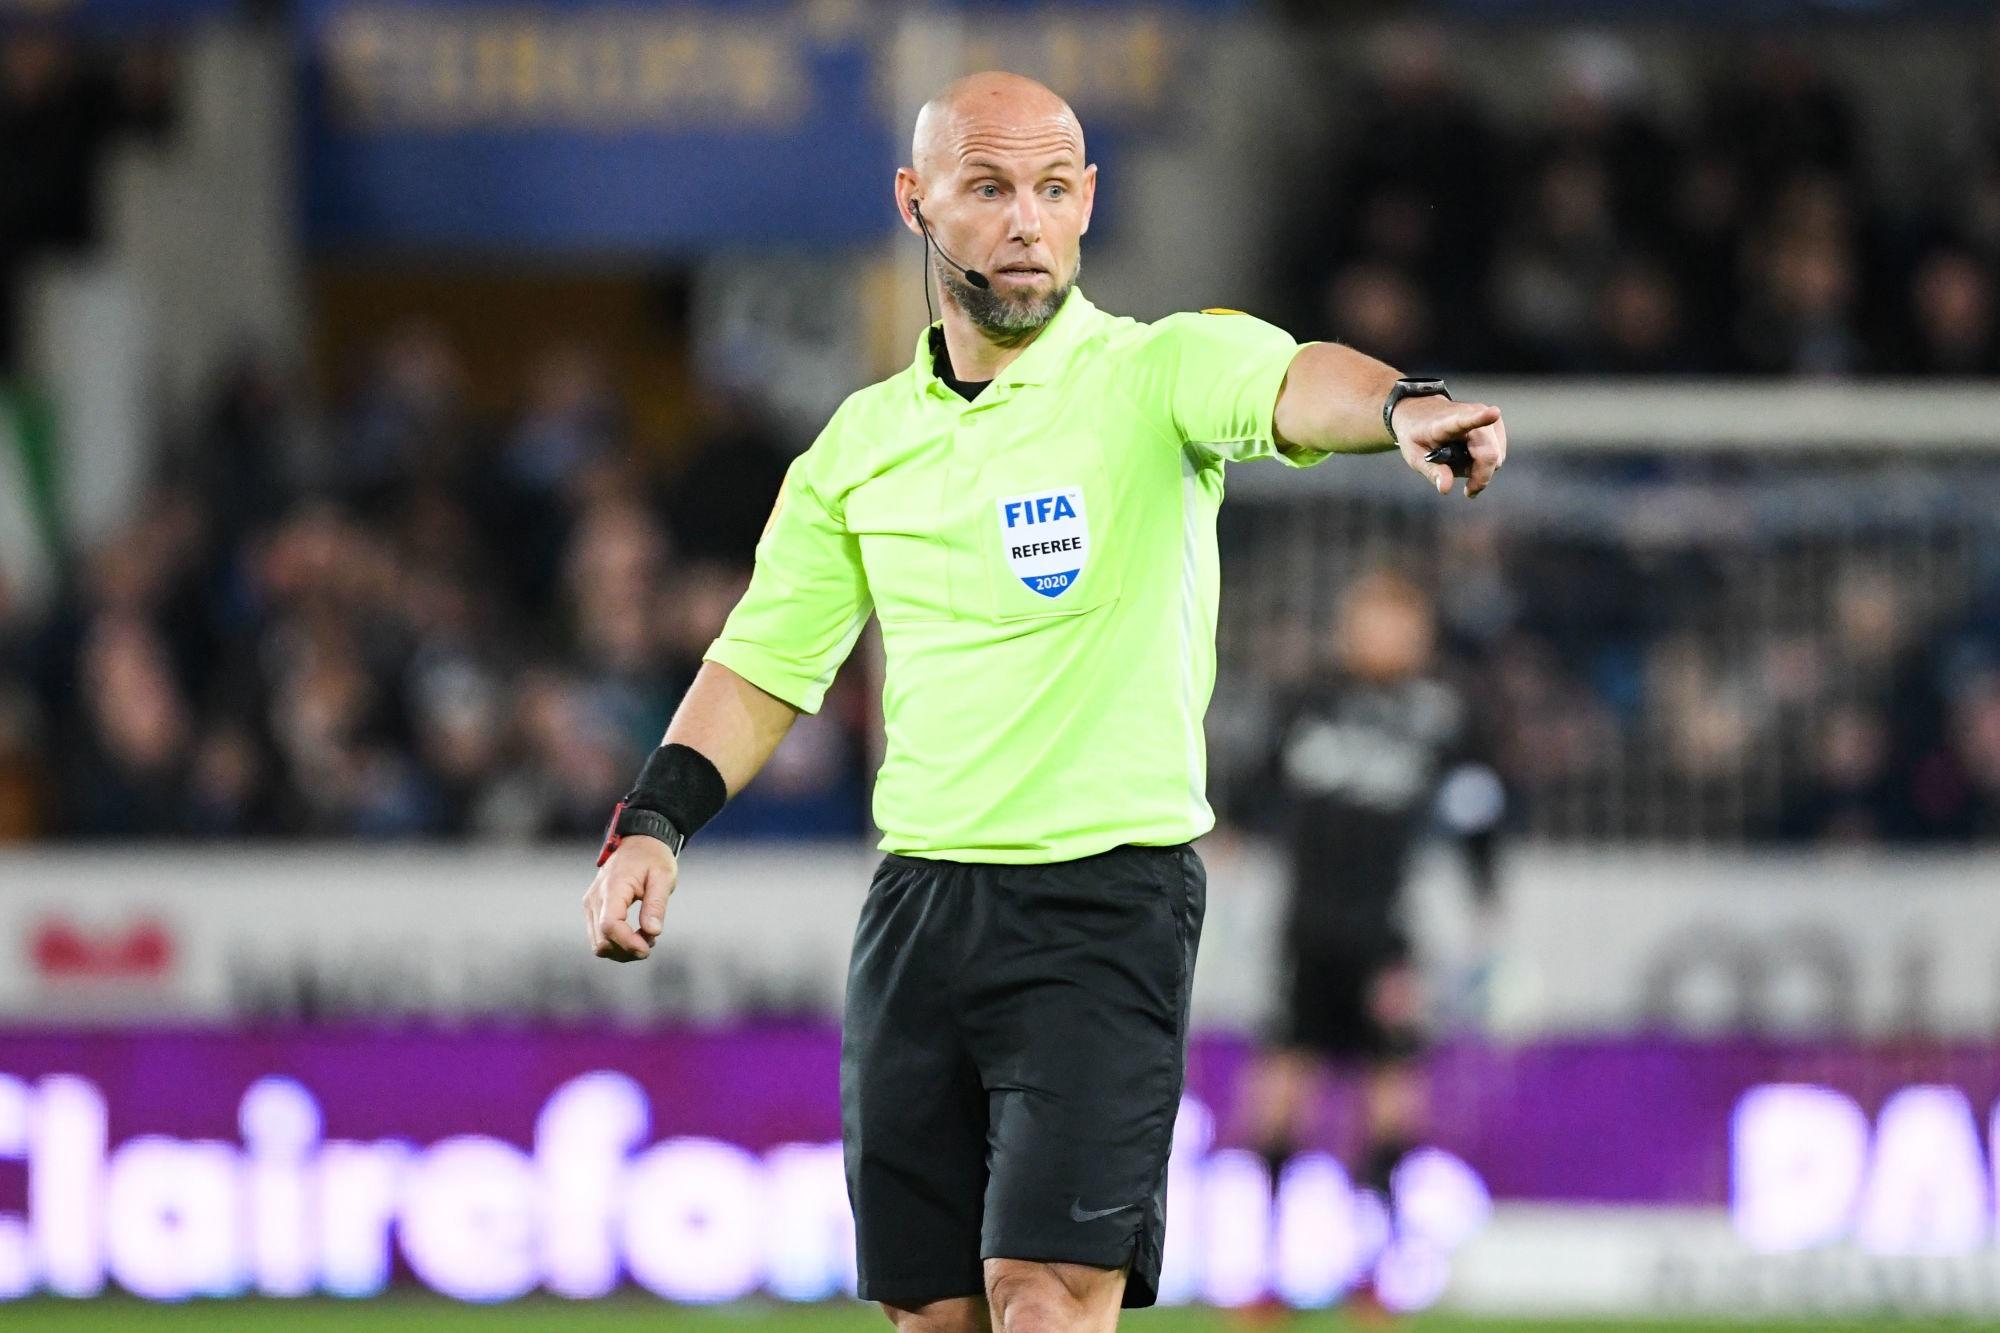 L'arbitre de la finale de Coupe de France a été désigné, beaucoup de jaunes et peu de rouges